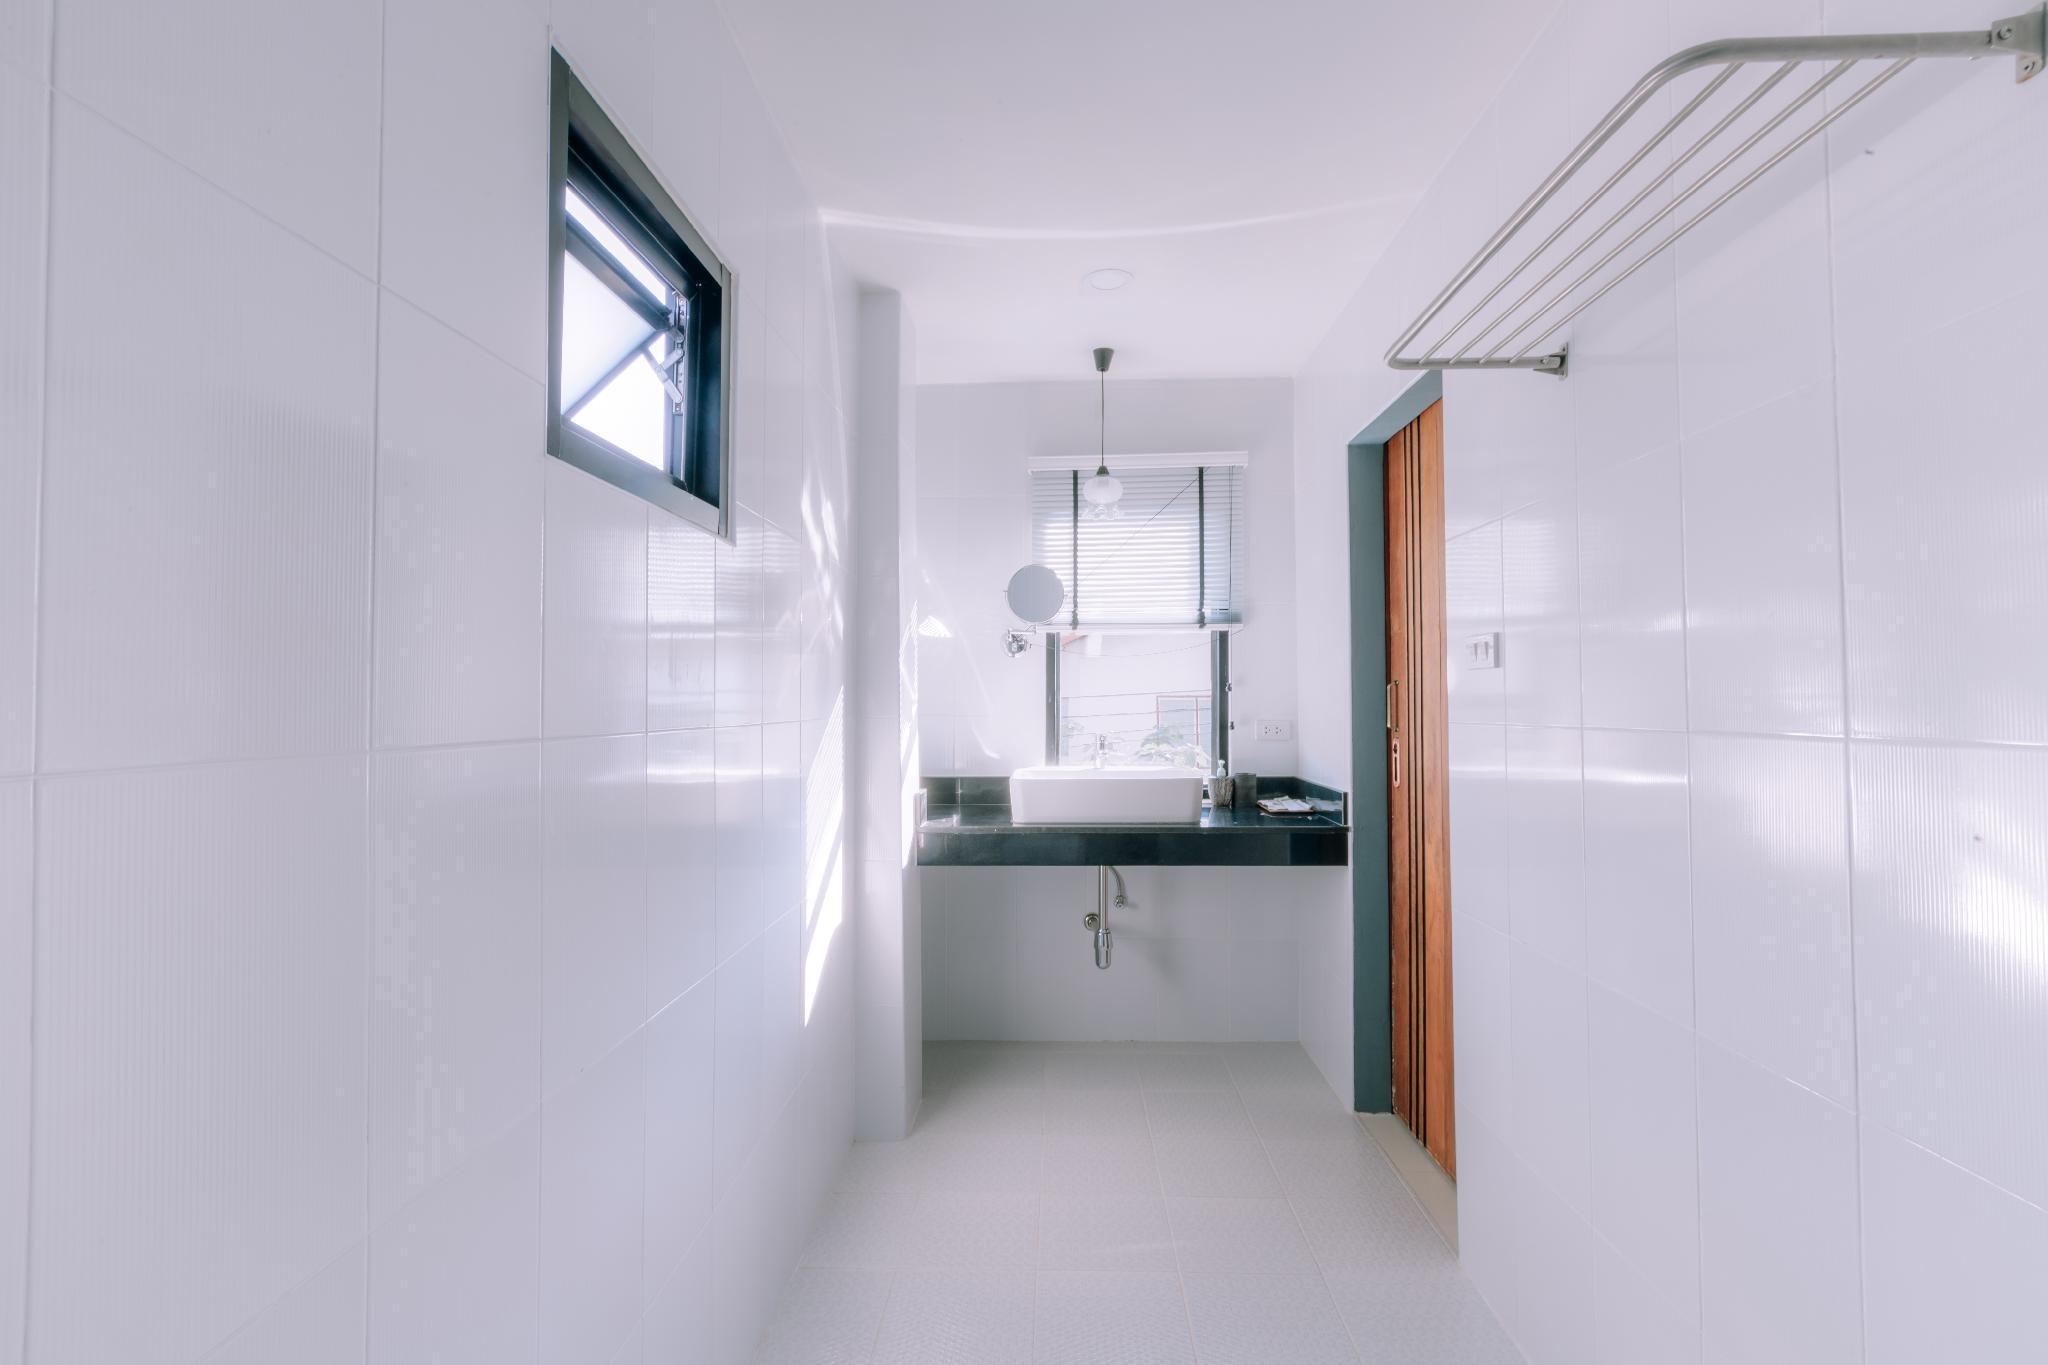 Jj สตูดิโอ อพาร์ตเมนต์ 1 ห้องน้ำส่วนตัว ขนาด 16 ตร.ม. – ท่าแพ